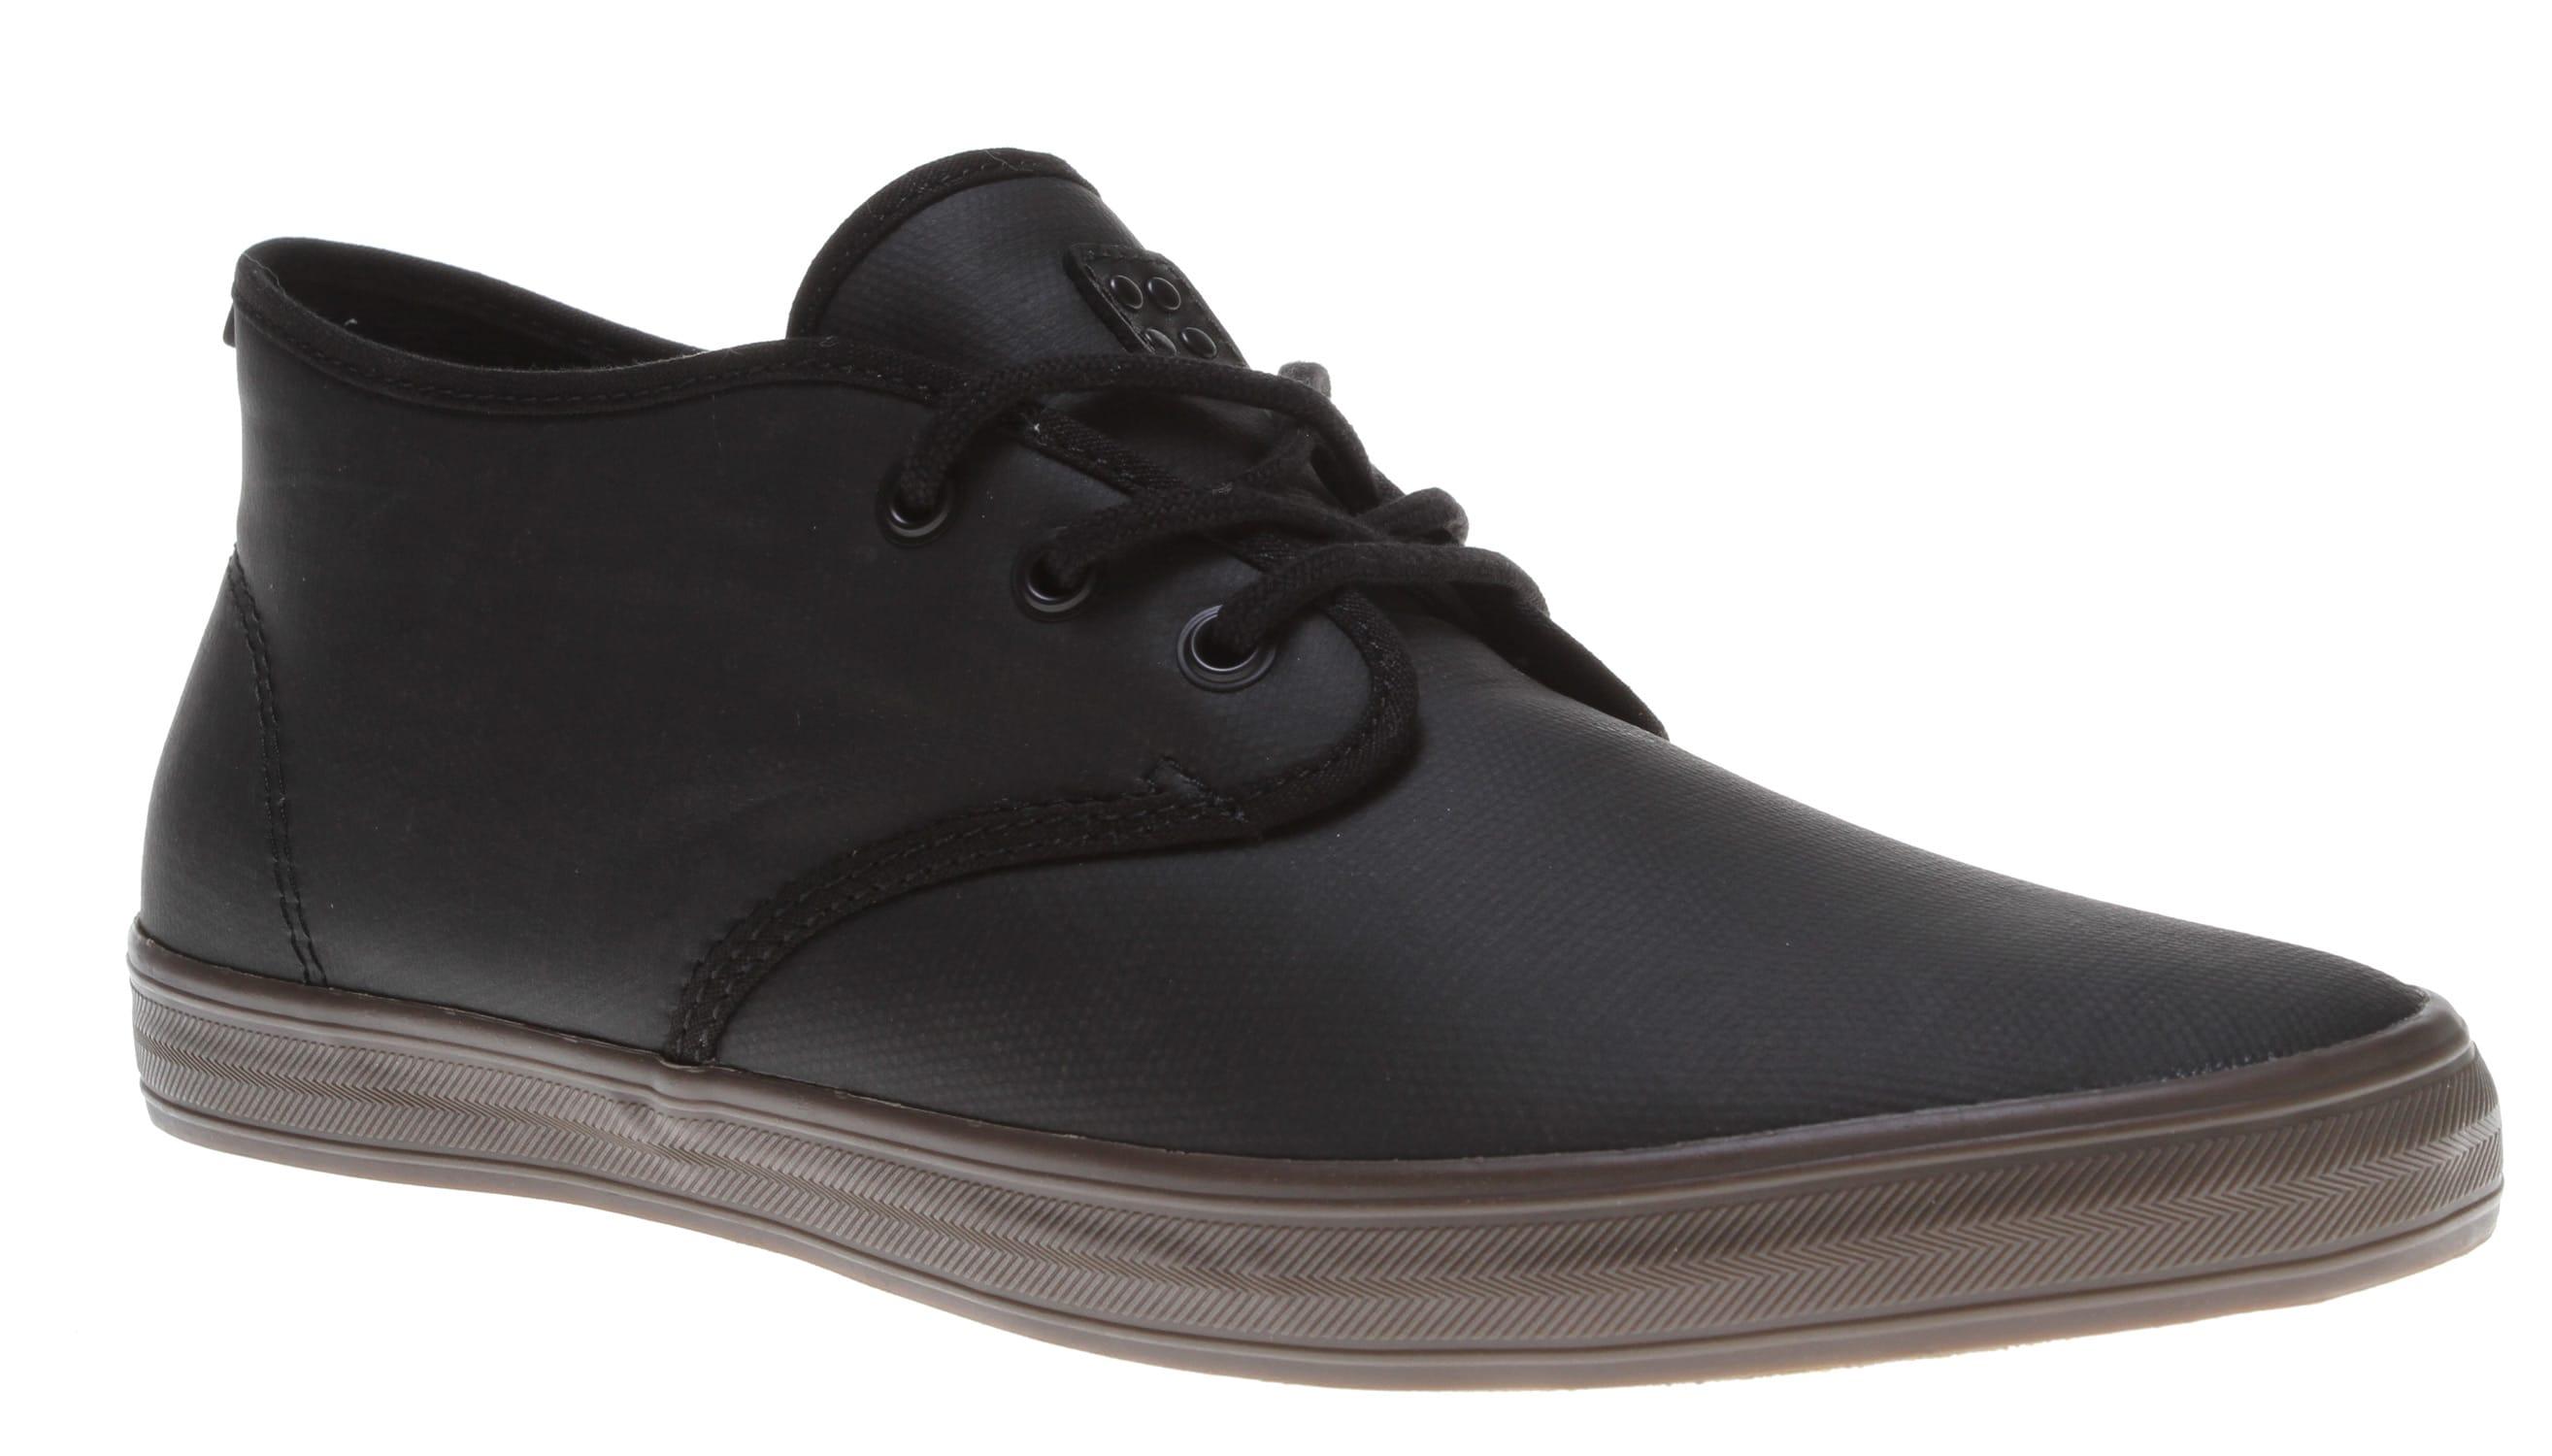 e09ba5ef40f Gravis Quarters LX Skate Shoes - thumbnail 2